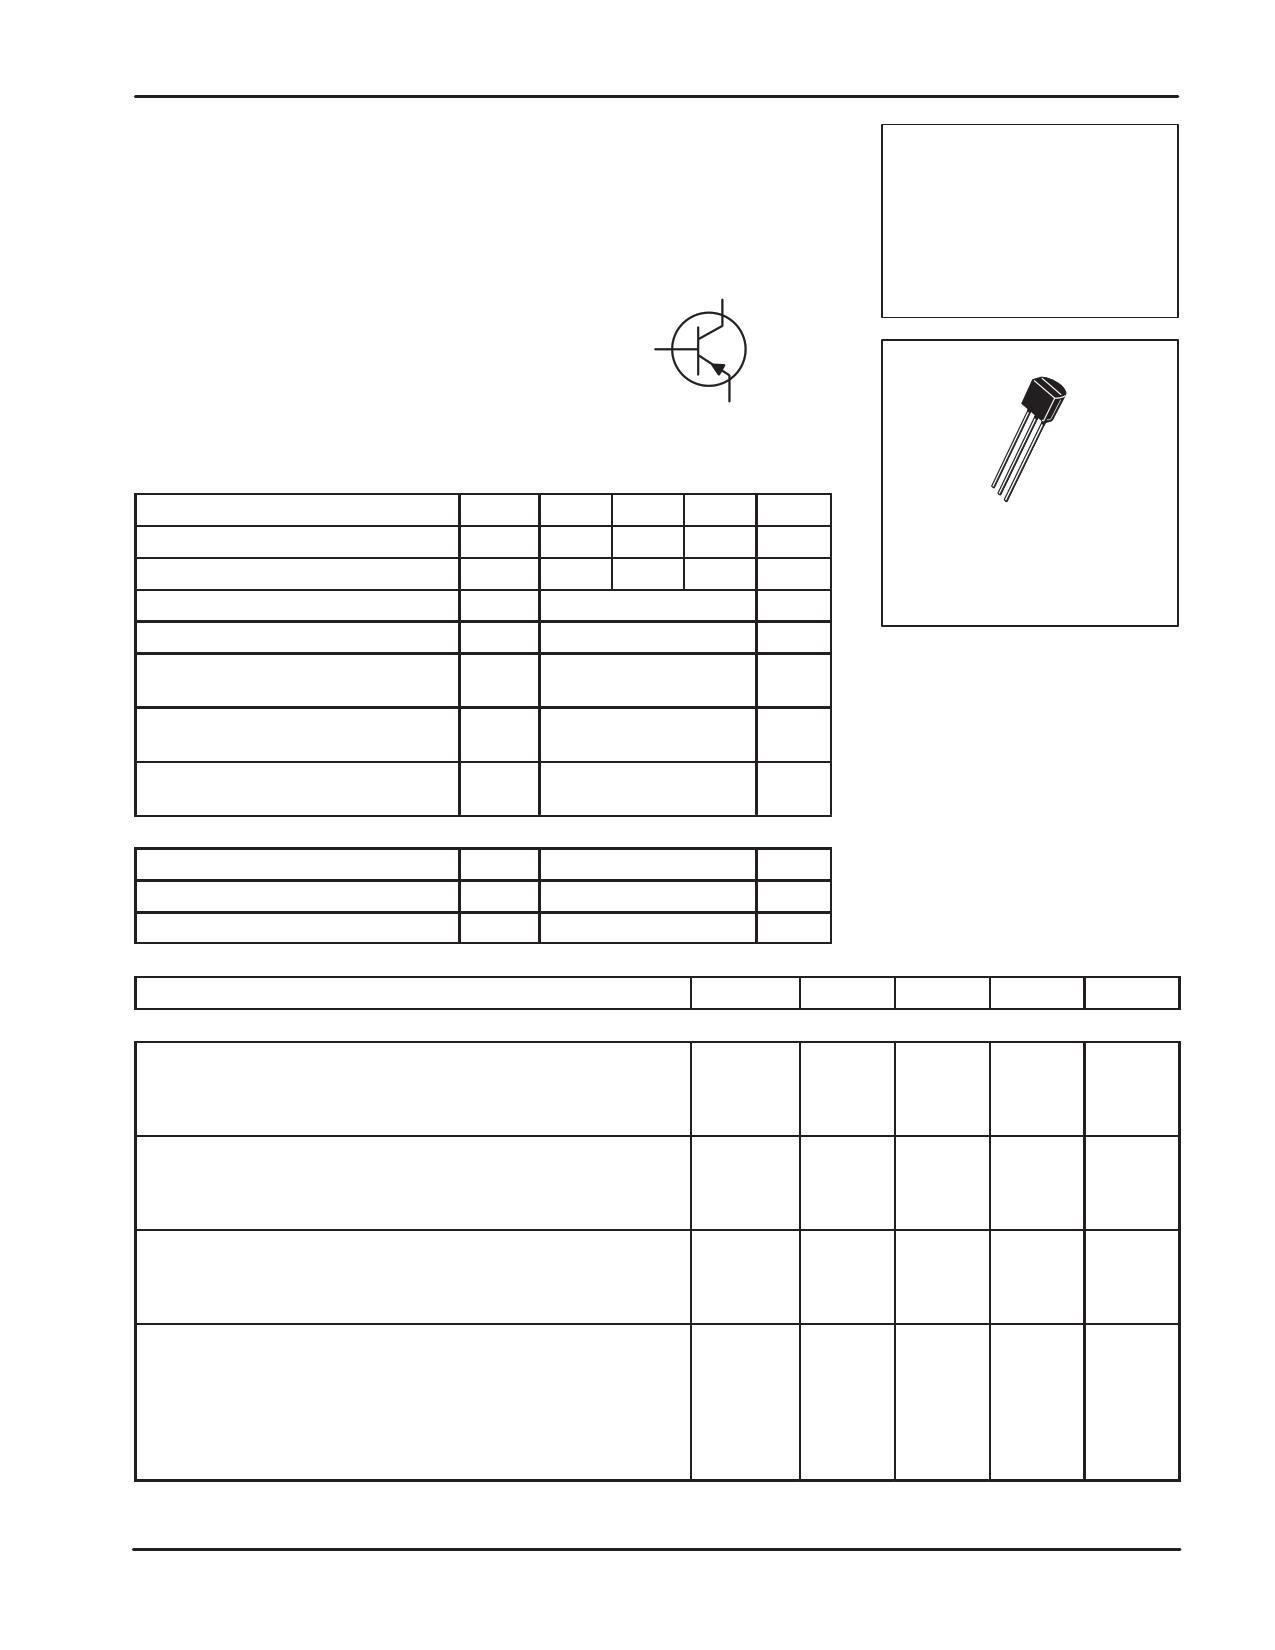 BC558 데이터시트 및 BC558 PDF